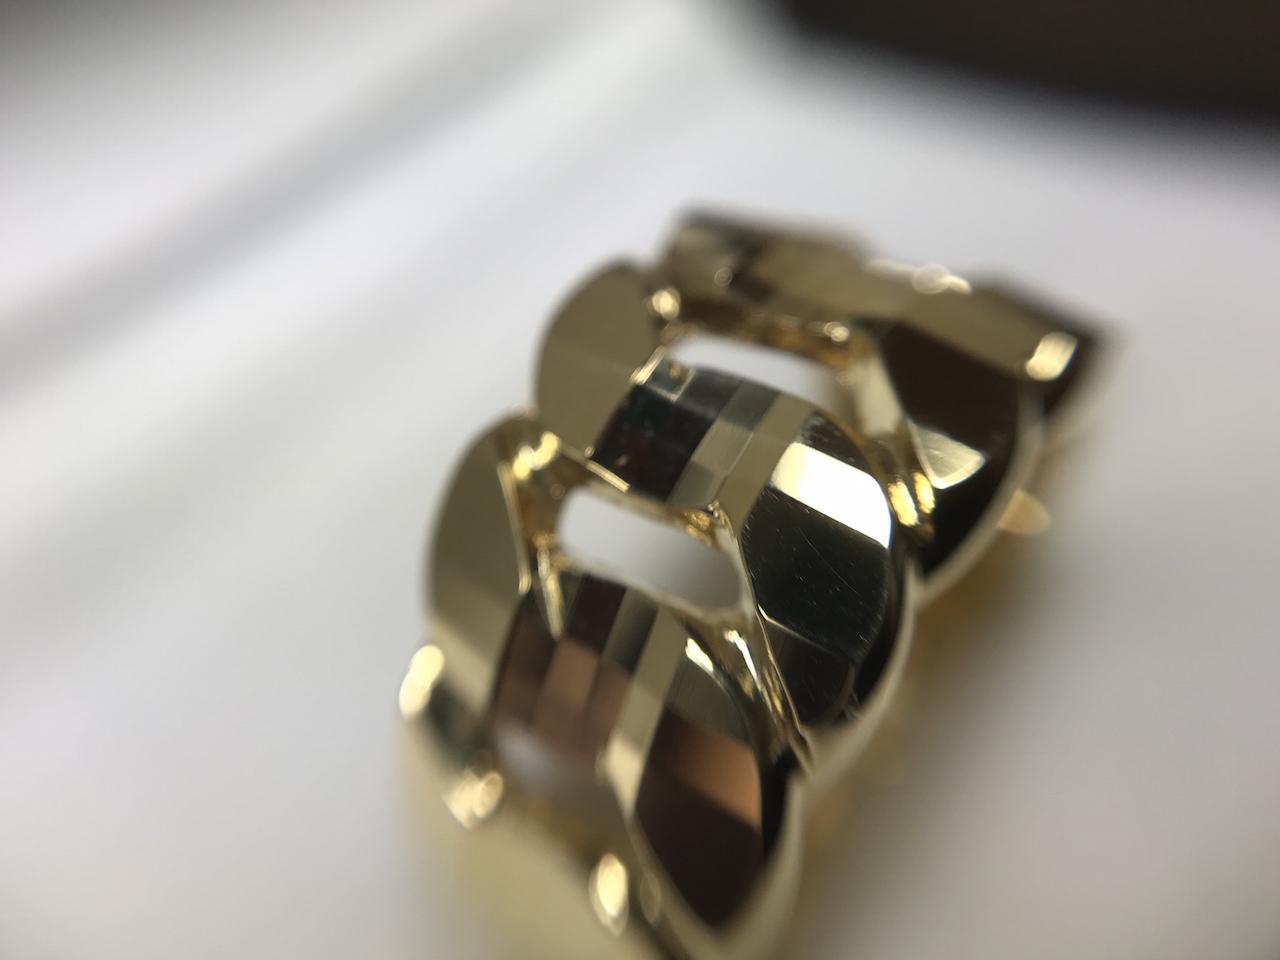 【送料無料】K18 18金 ゴールド 喜平 キヘイ リング 指輪 オーダーメイド 幅広 キラキラ メンズ 男性用 レディース 女性用 太め ごつい ギラギラ ティンクルカット ブライダル 結婚指輪 マリッジリング 重い ペアリング 結婚記念日 個性派 派手